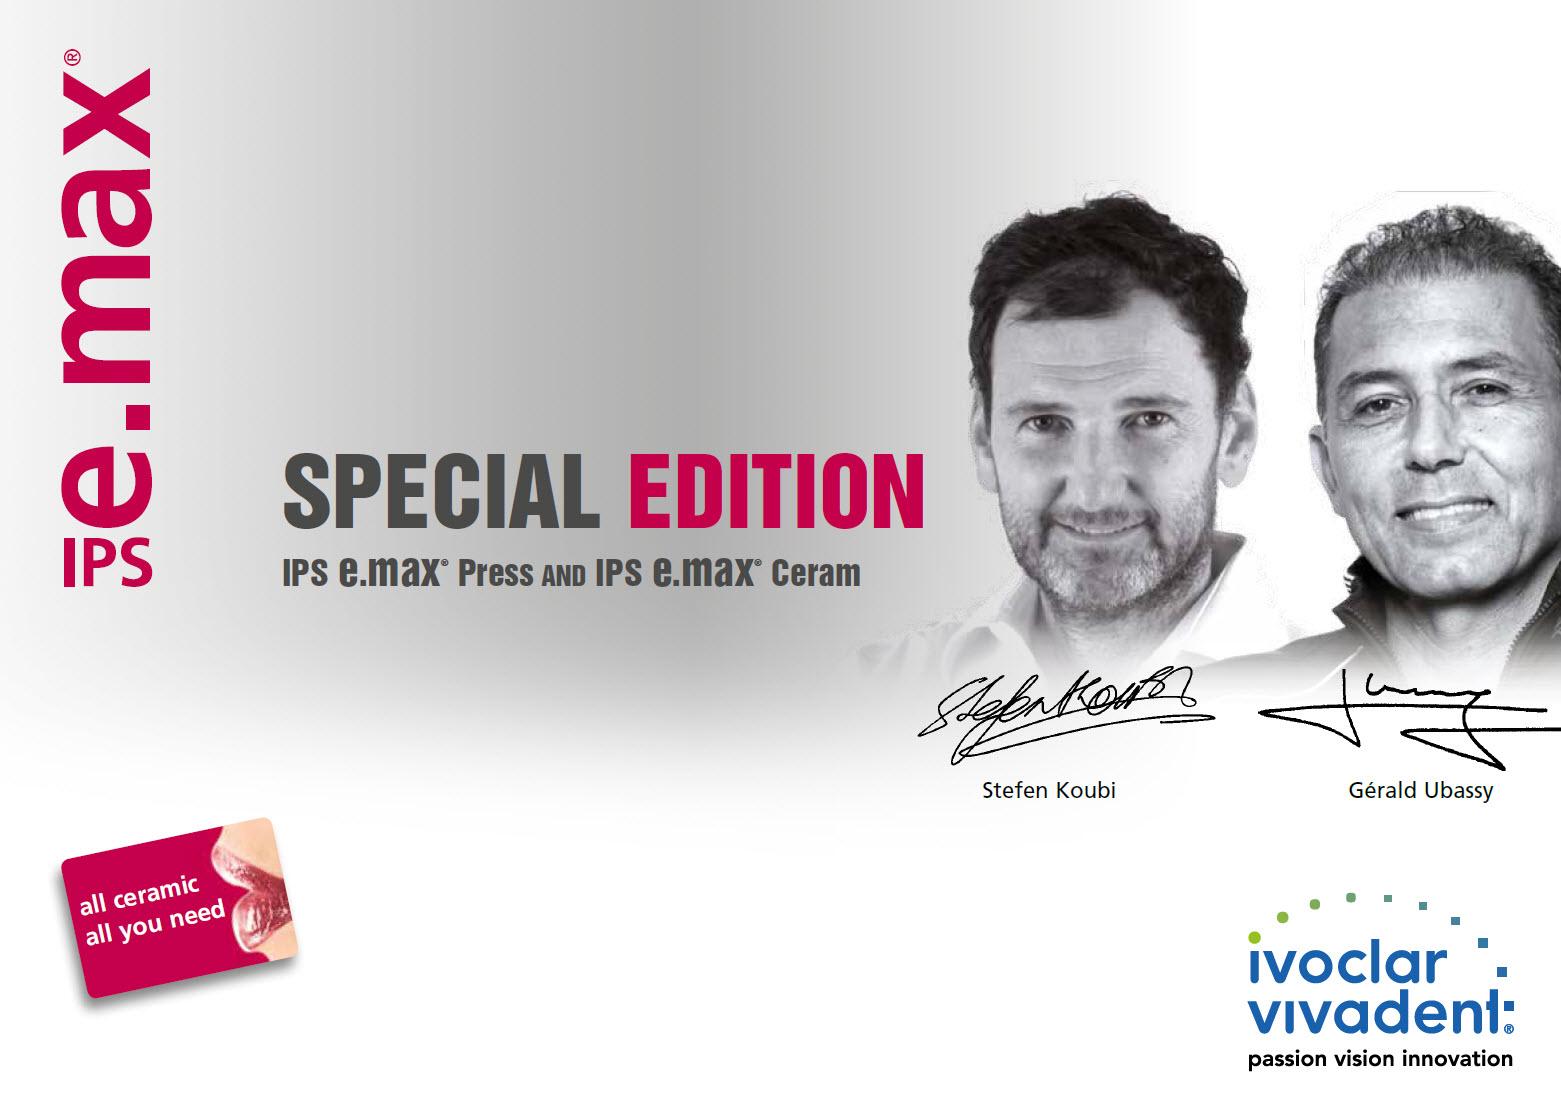 045 Special Edition EN.jpg